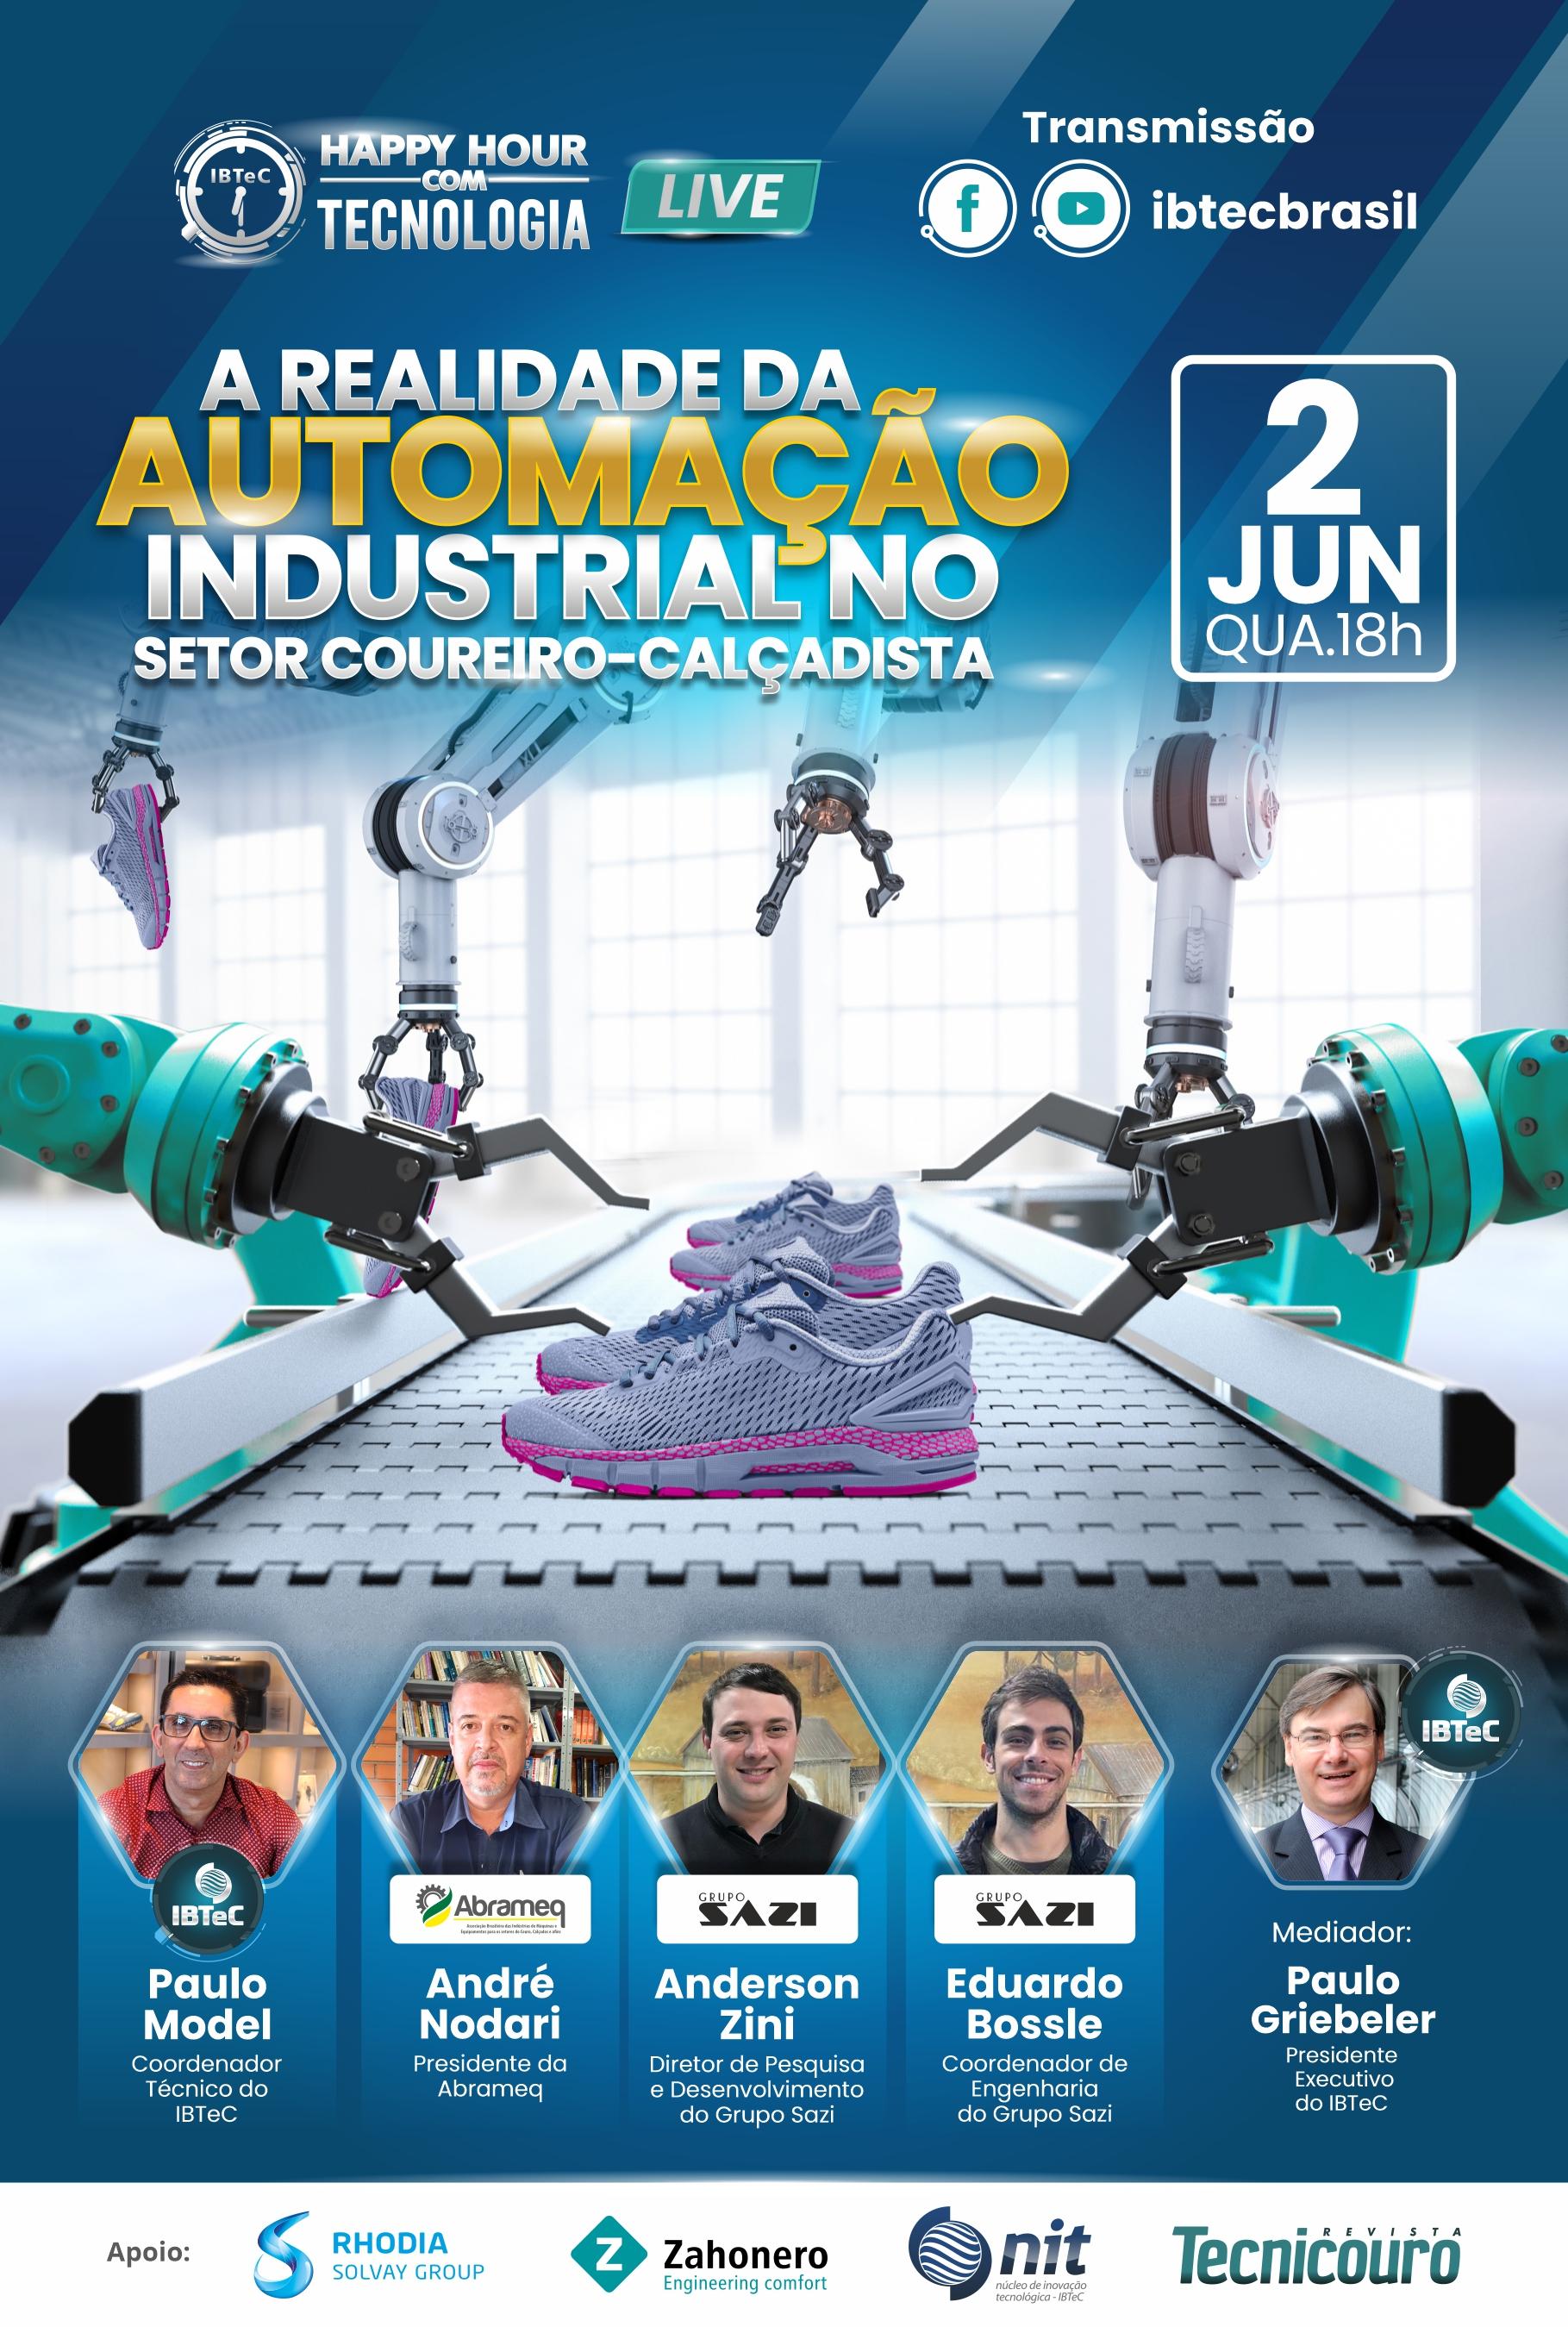 LIVE! A realidade da automação industrial no setor coureiro-calçadista